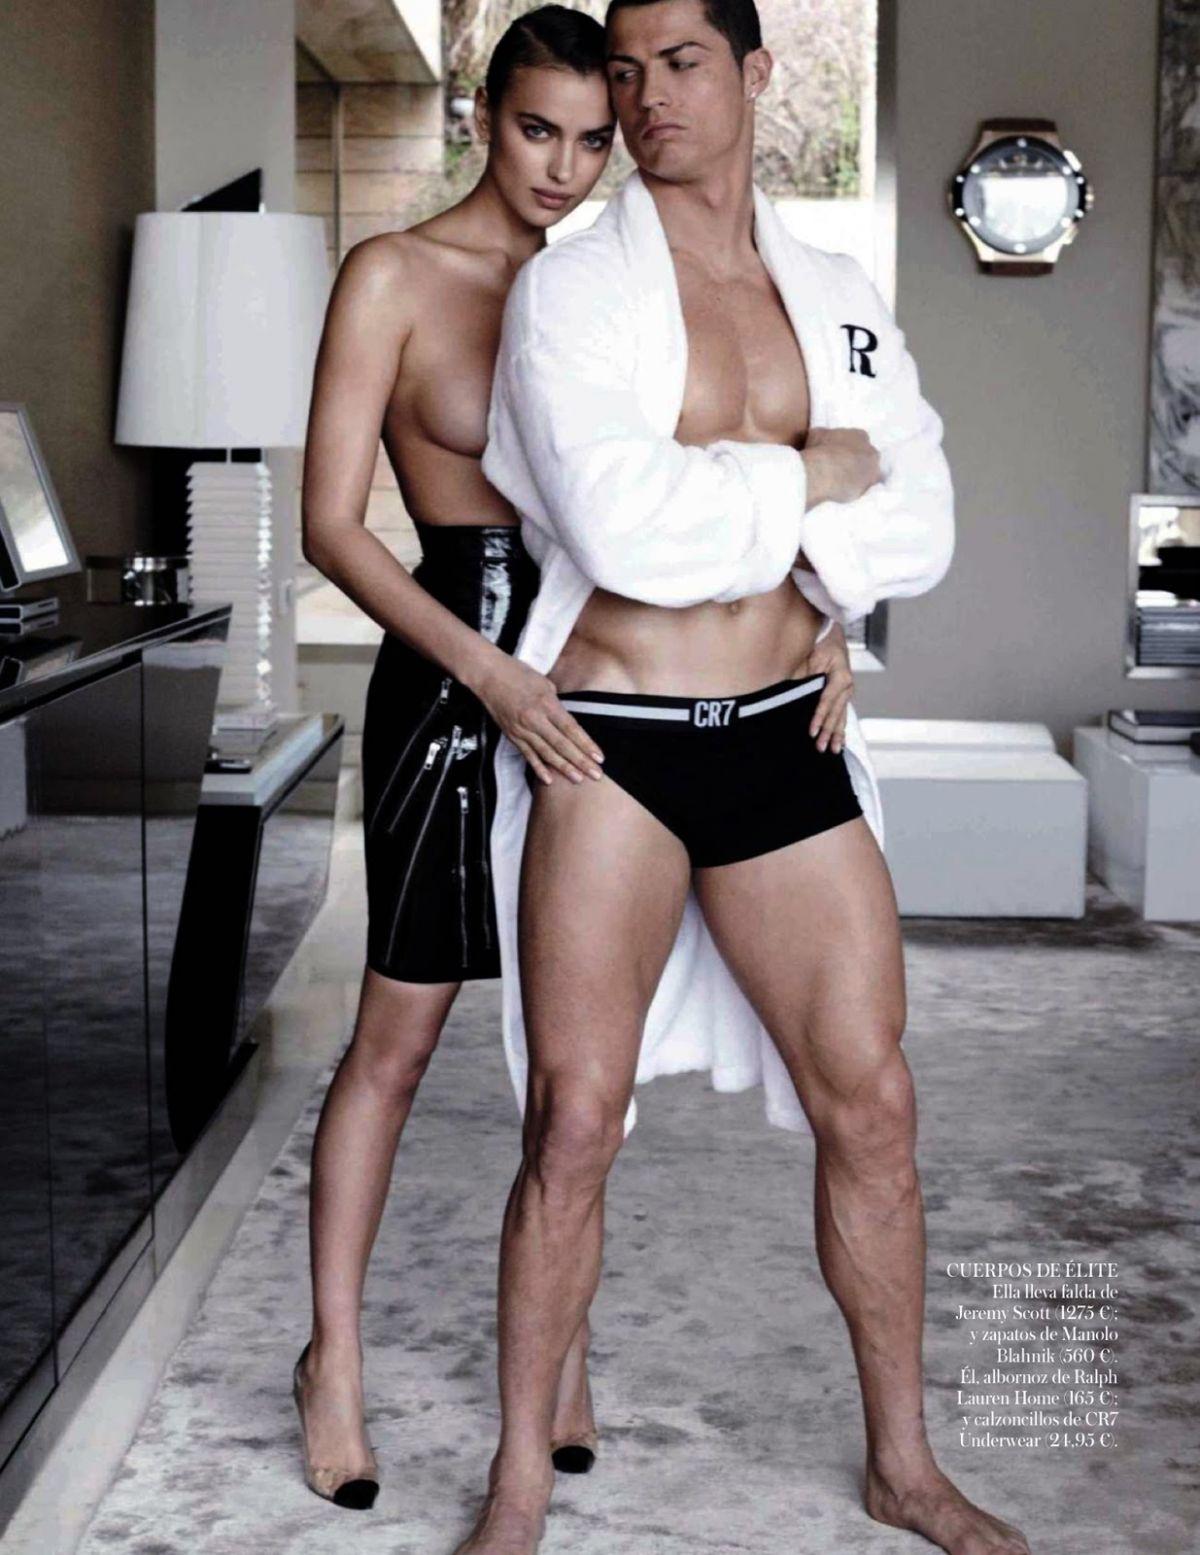 IRINA SHAYK and Cristiano Ronaldo in Vogue Magazine, Spain ...